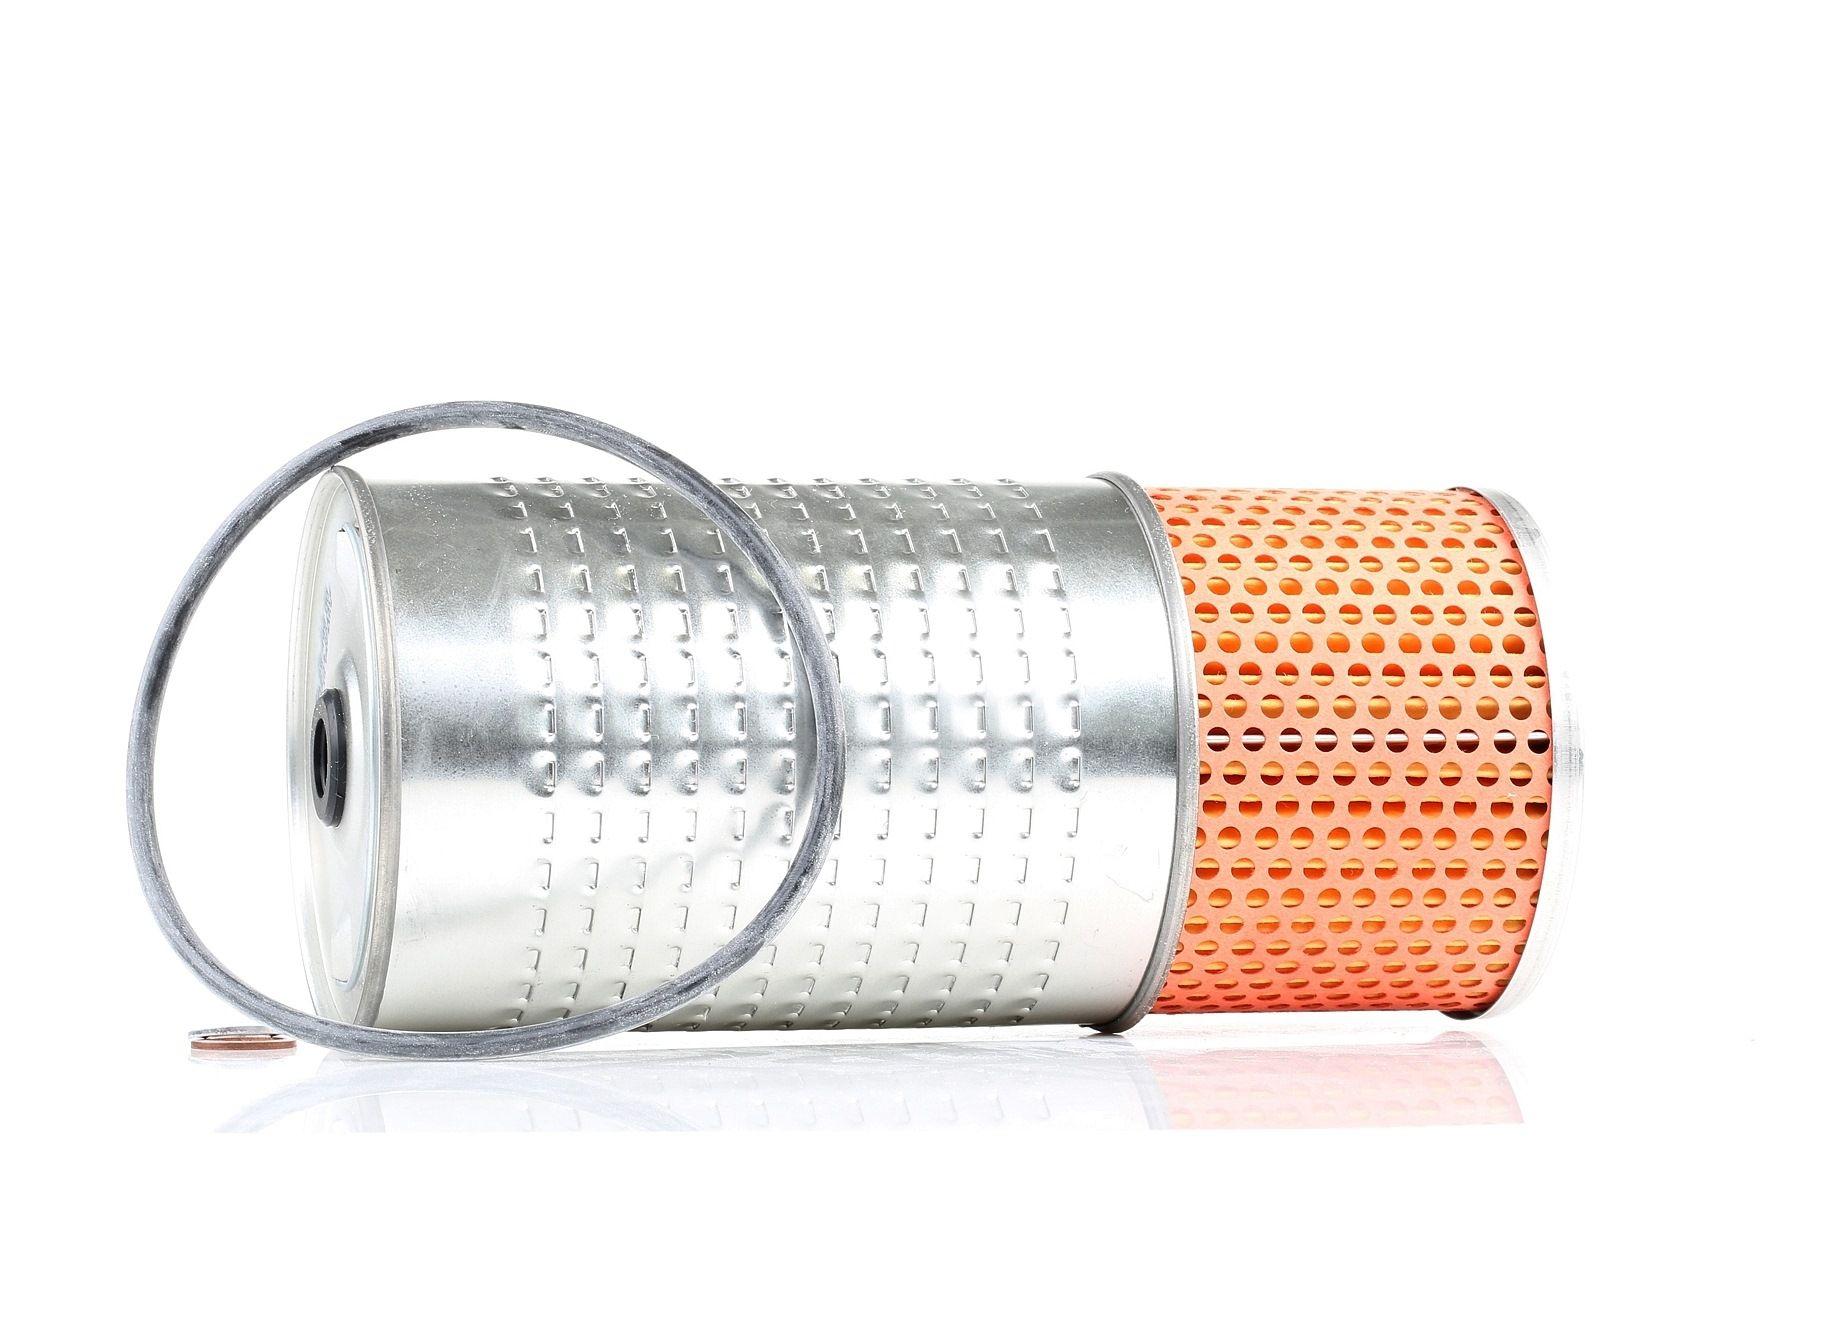 Comprare 25.499.00 UFI Diametro interno 2: 11,5mm, Diametro interno 2: 24,5mm, Ø: 89,0mm, Alt.: 195,0mm Filtro olio 25.499.00 poco costoso